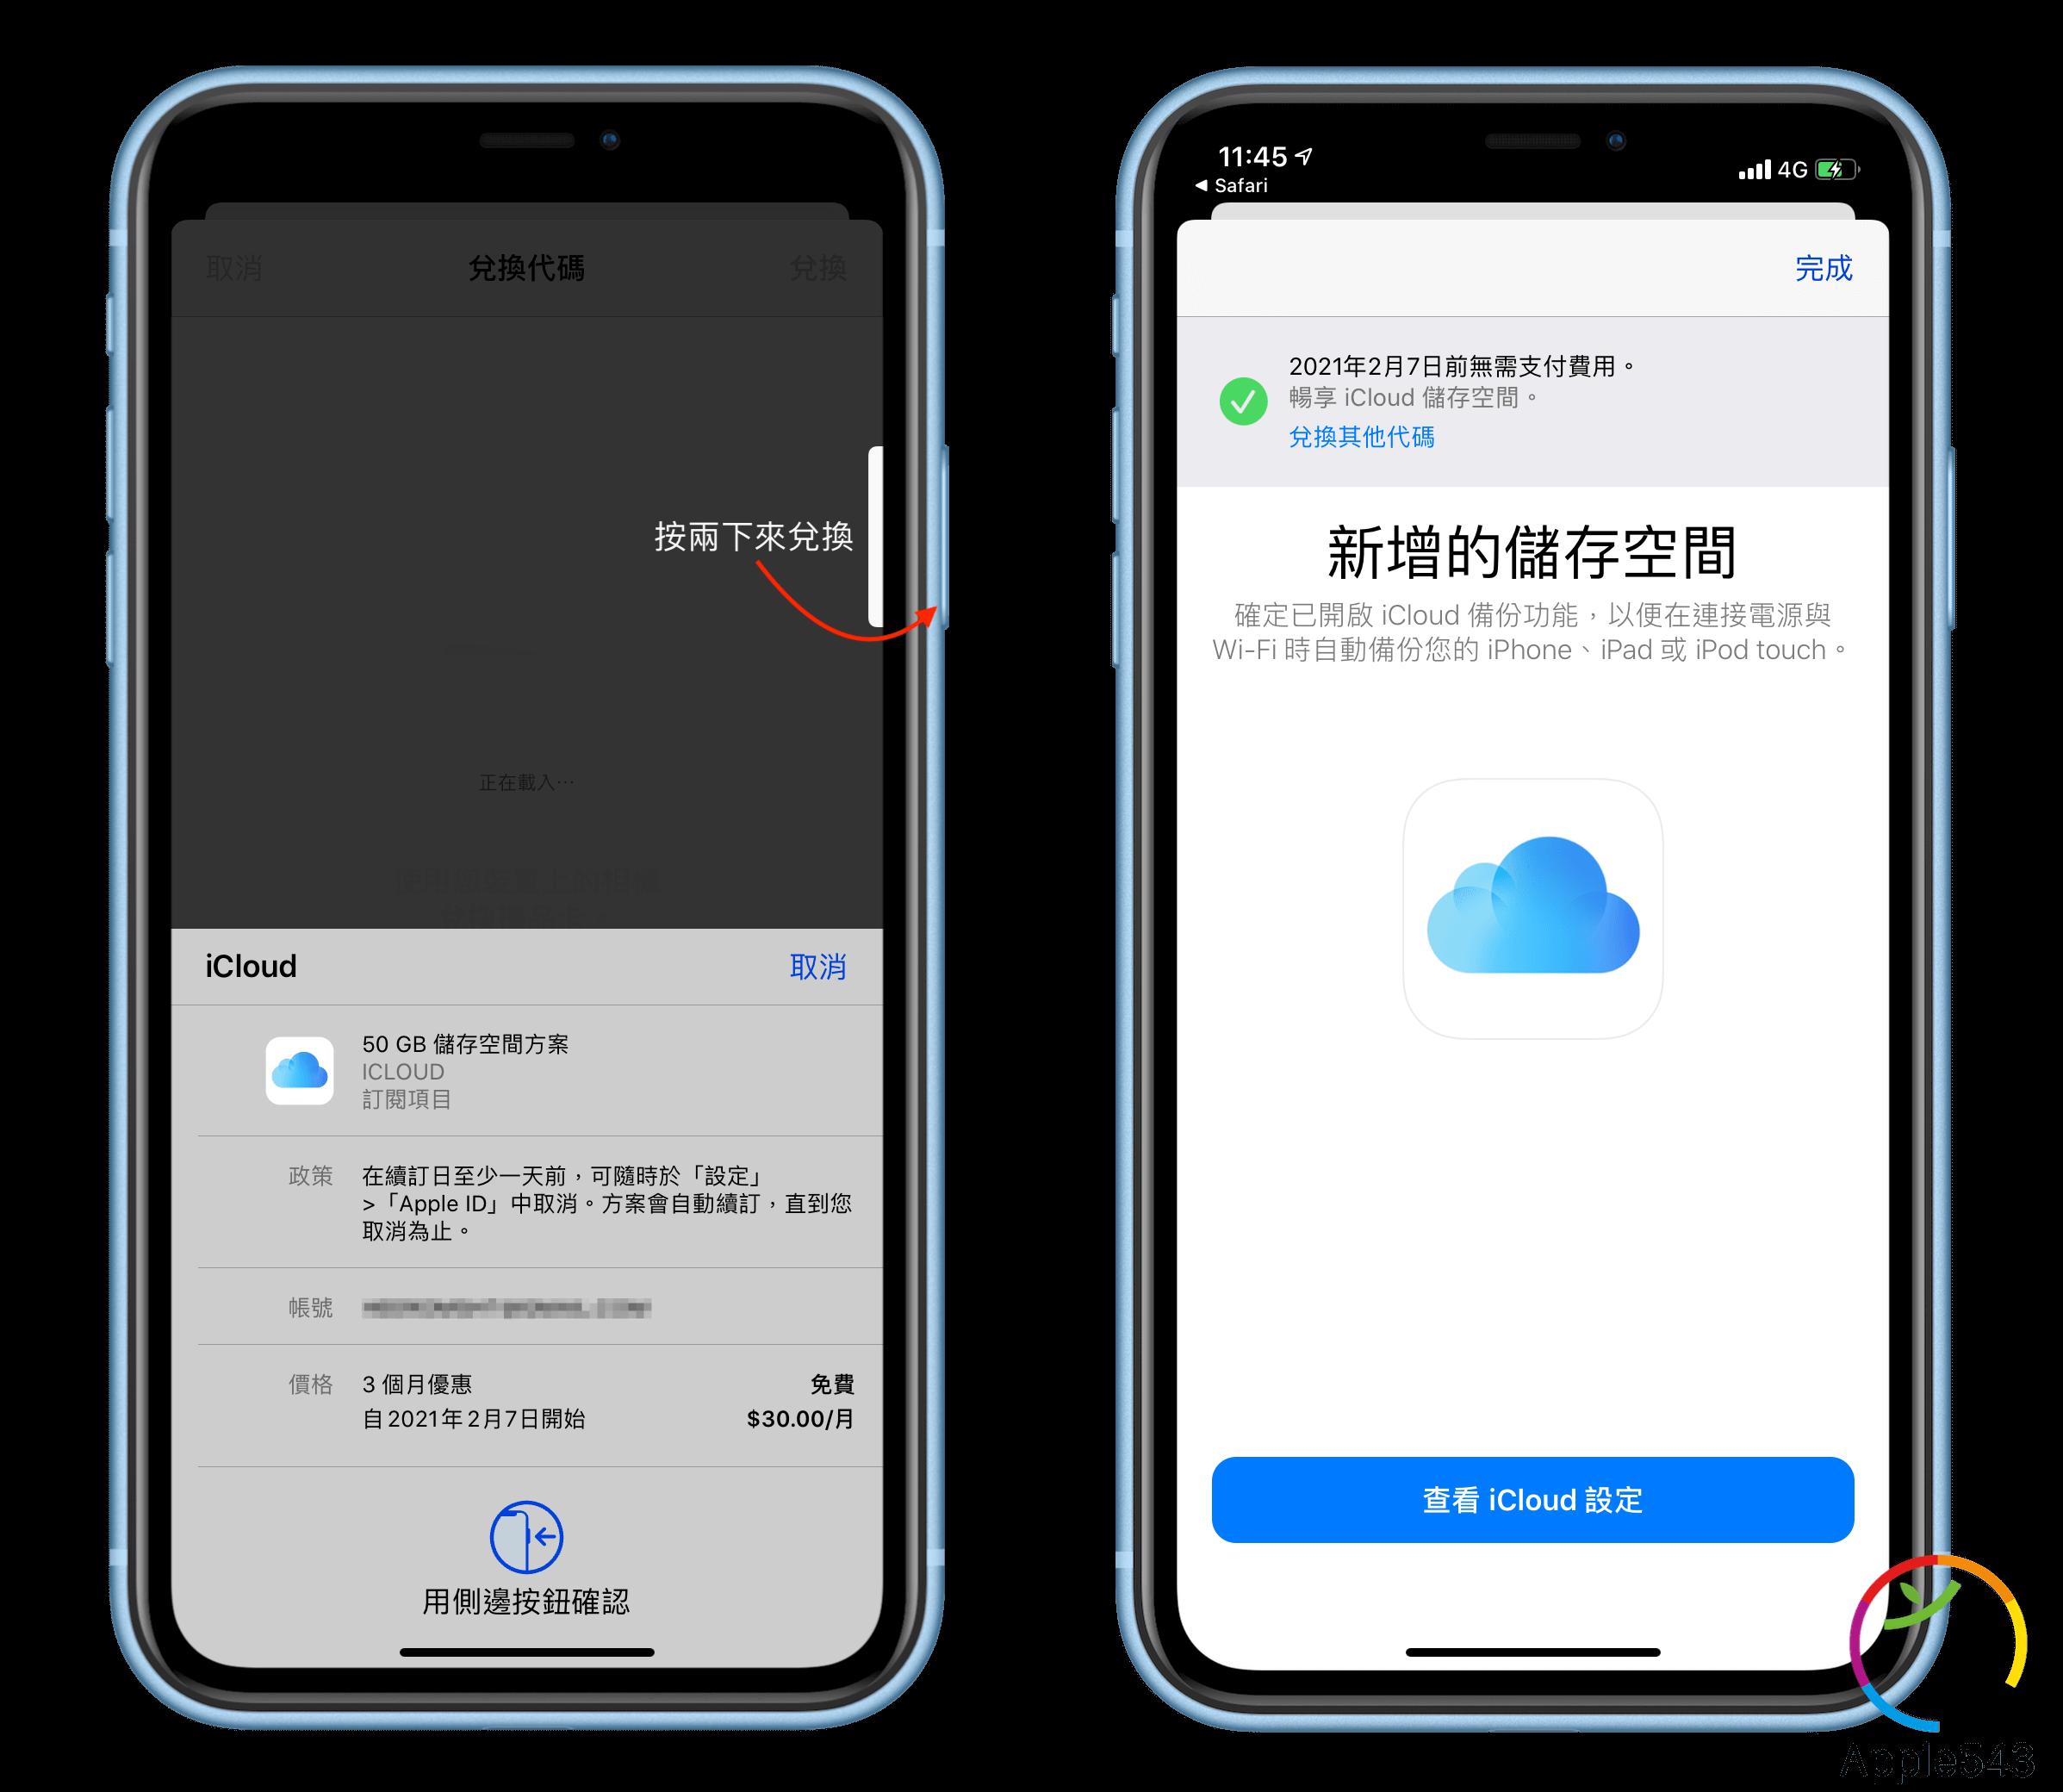 iCloud 免費升級